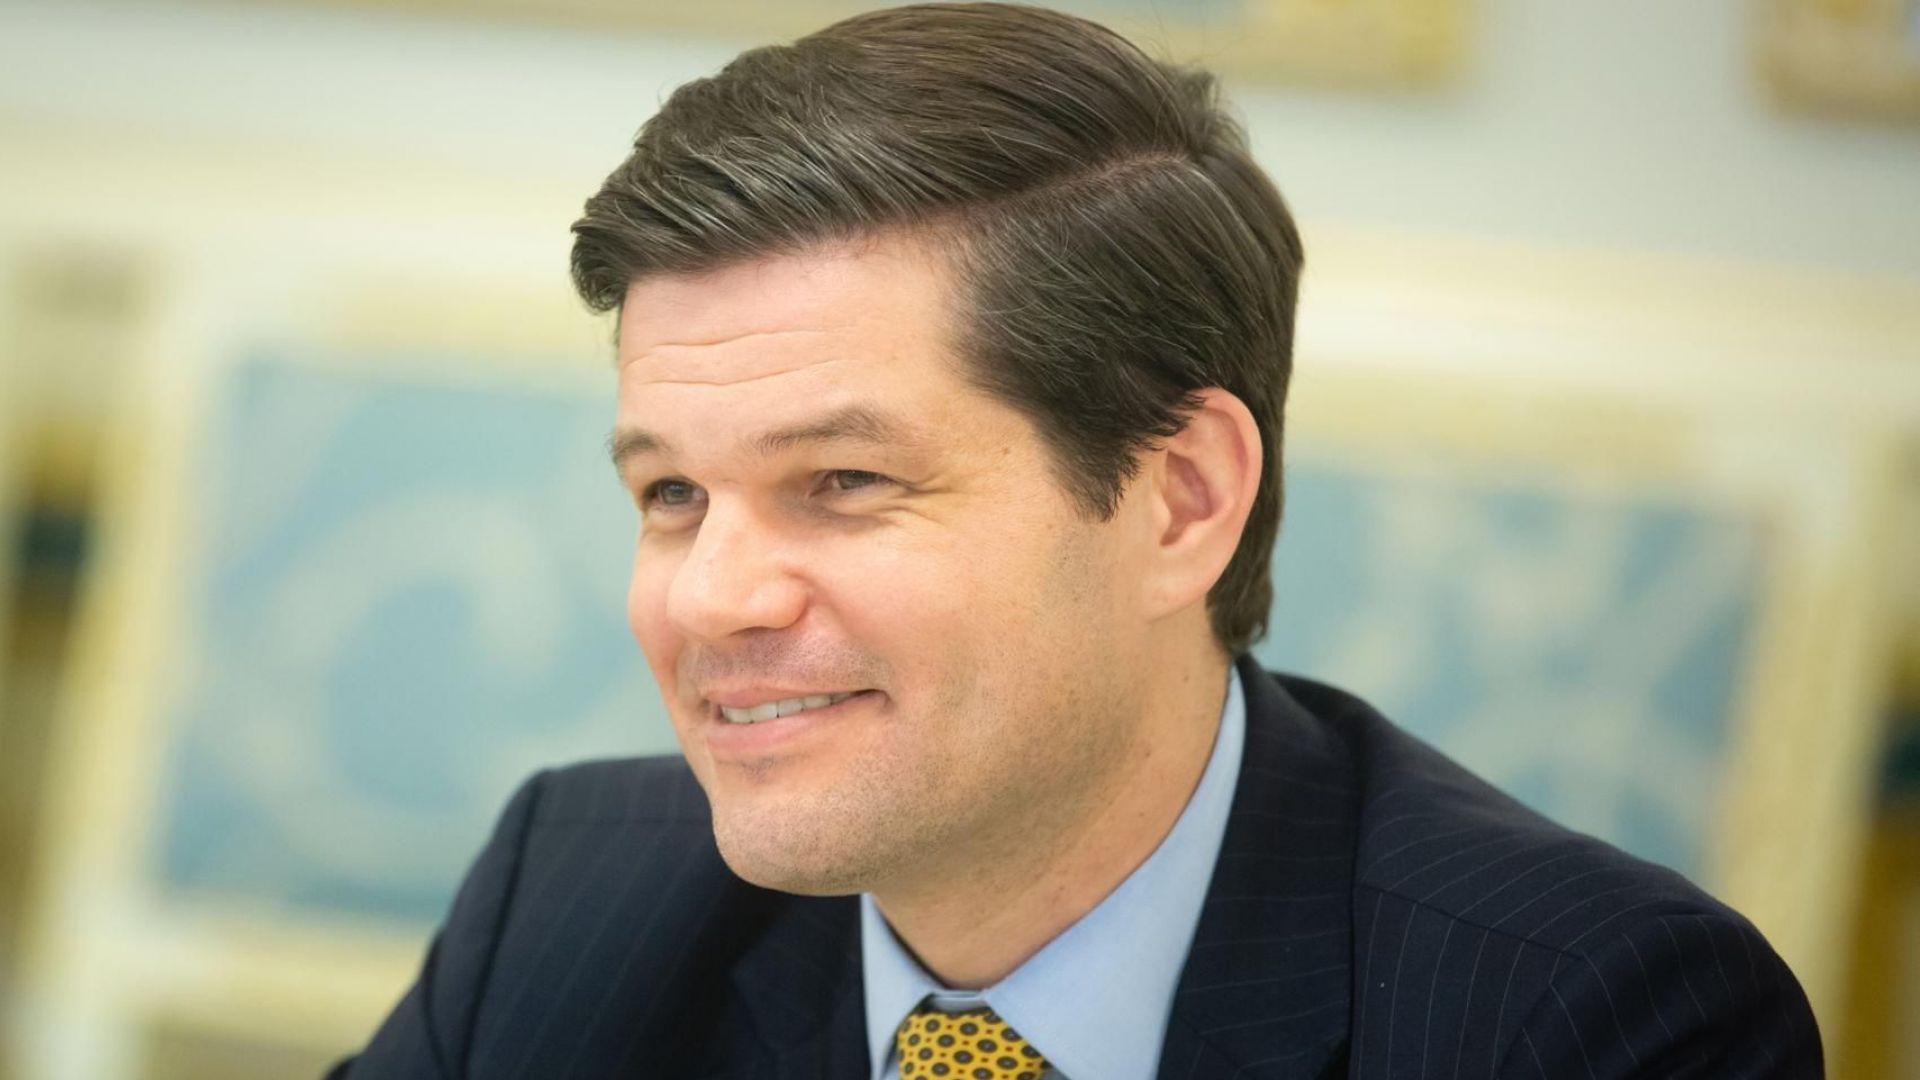 Подаде оставка най-високопоставеният дипломат, отговарящ за Европа в Държавния департамент